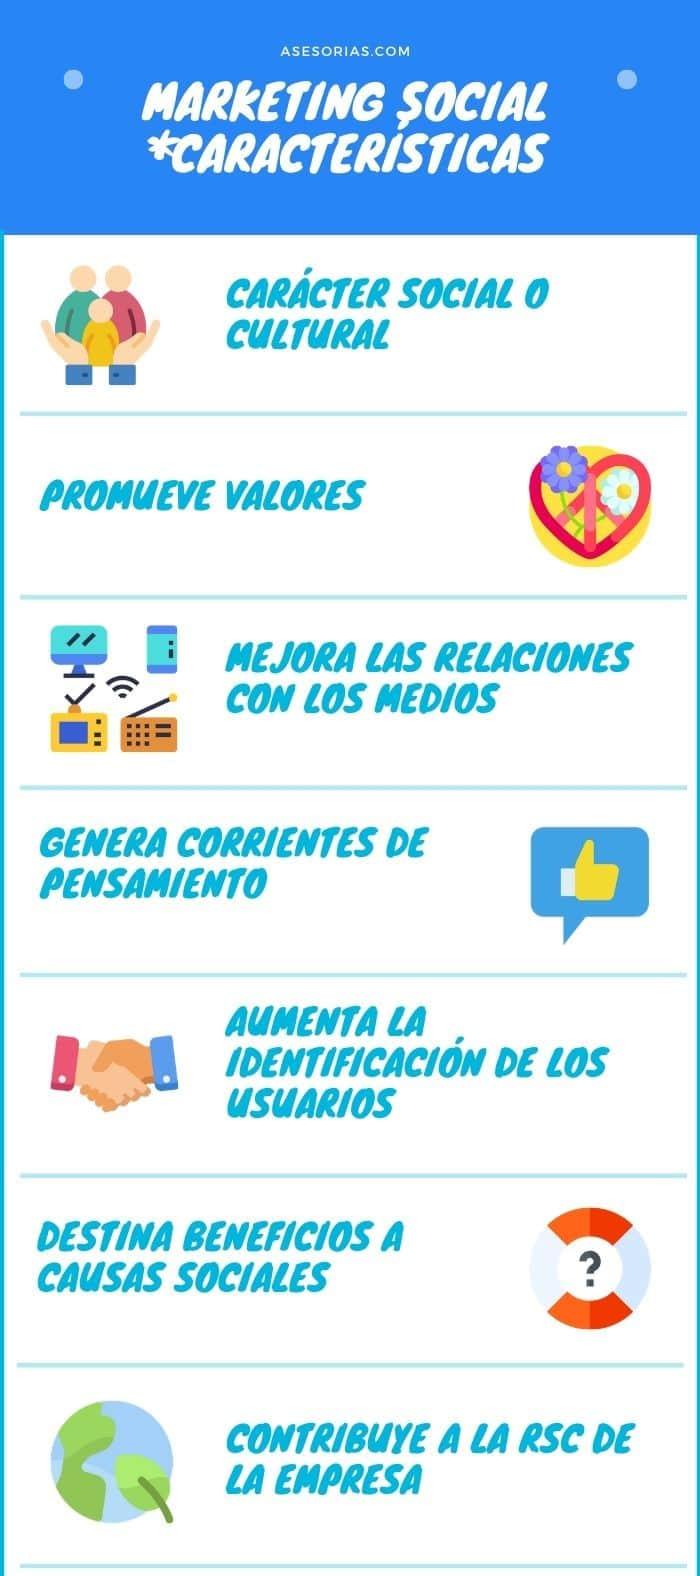 caracteristicas del marketing social